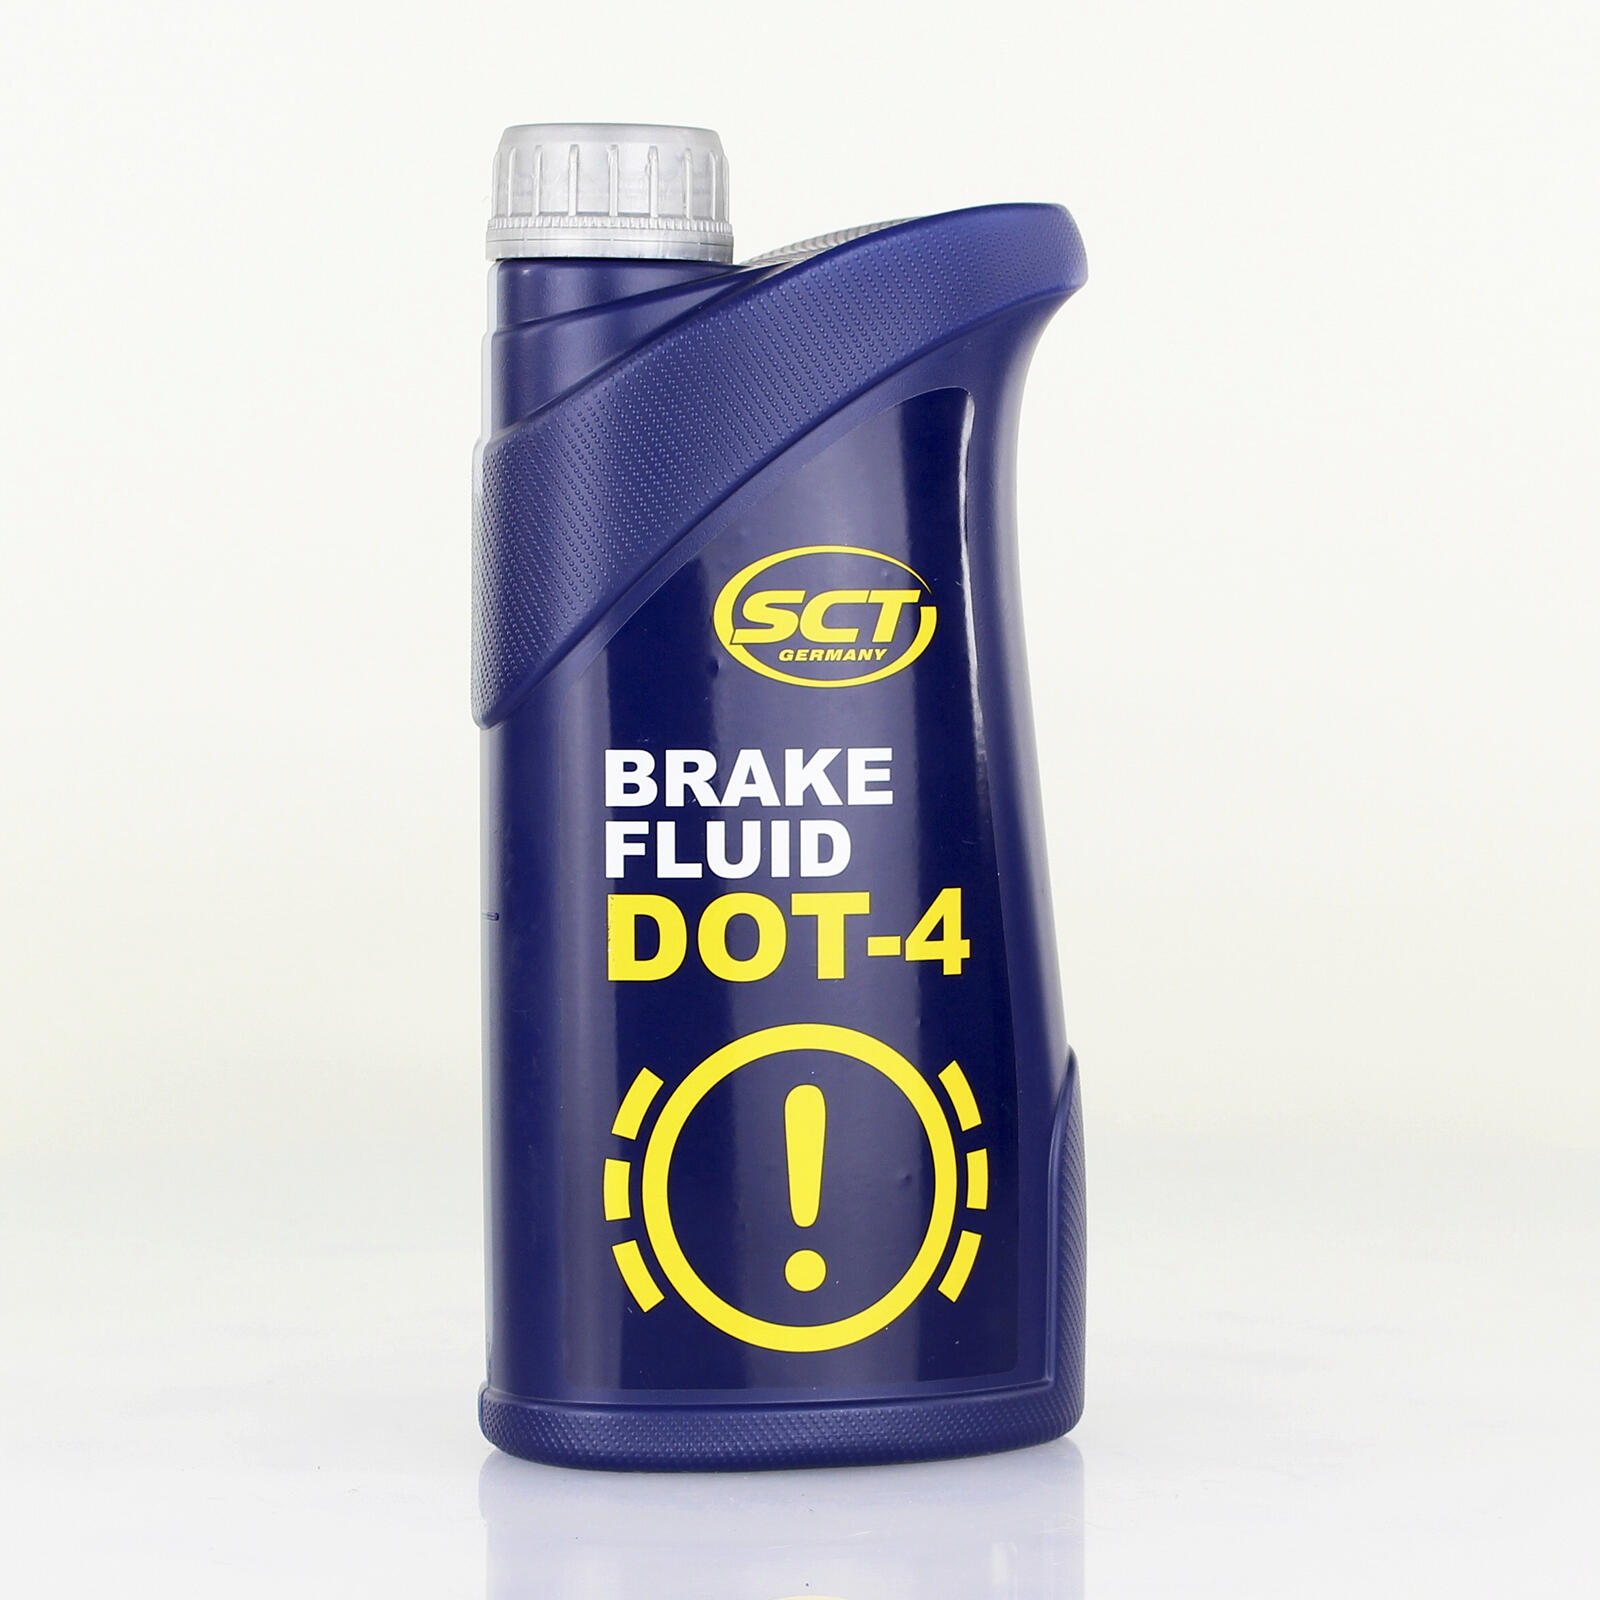 SCT Bremsflüssigkeit DOT 4 910g / entspricht ca. 1L SAE J 1703